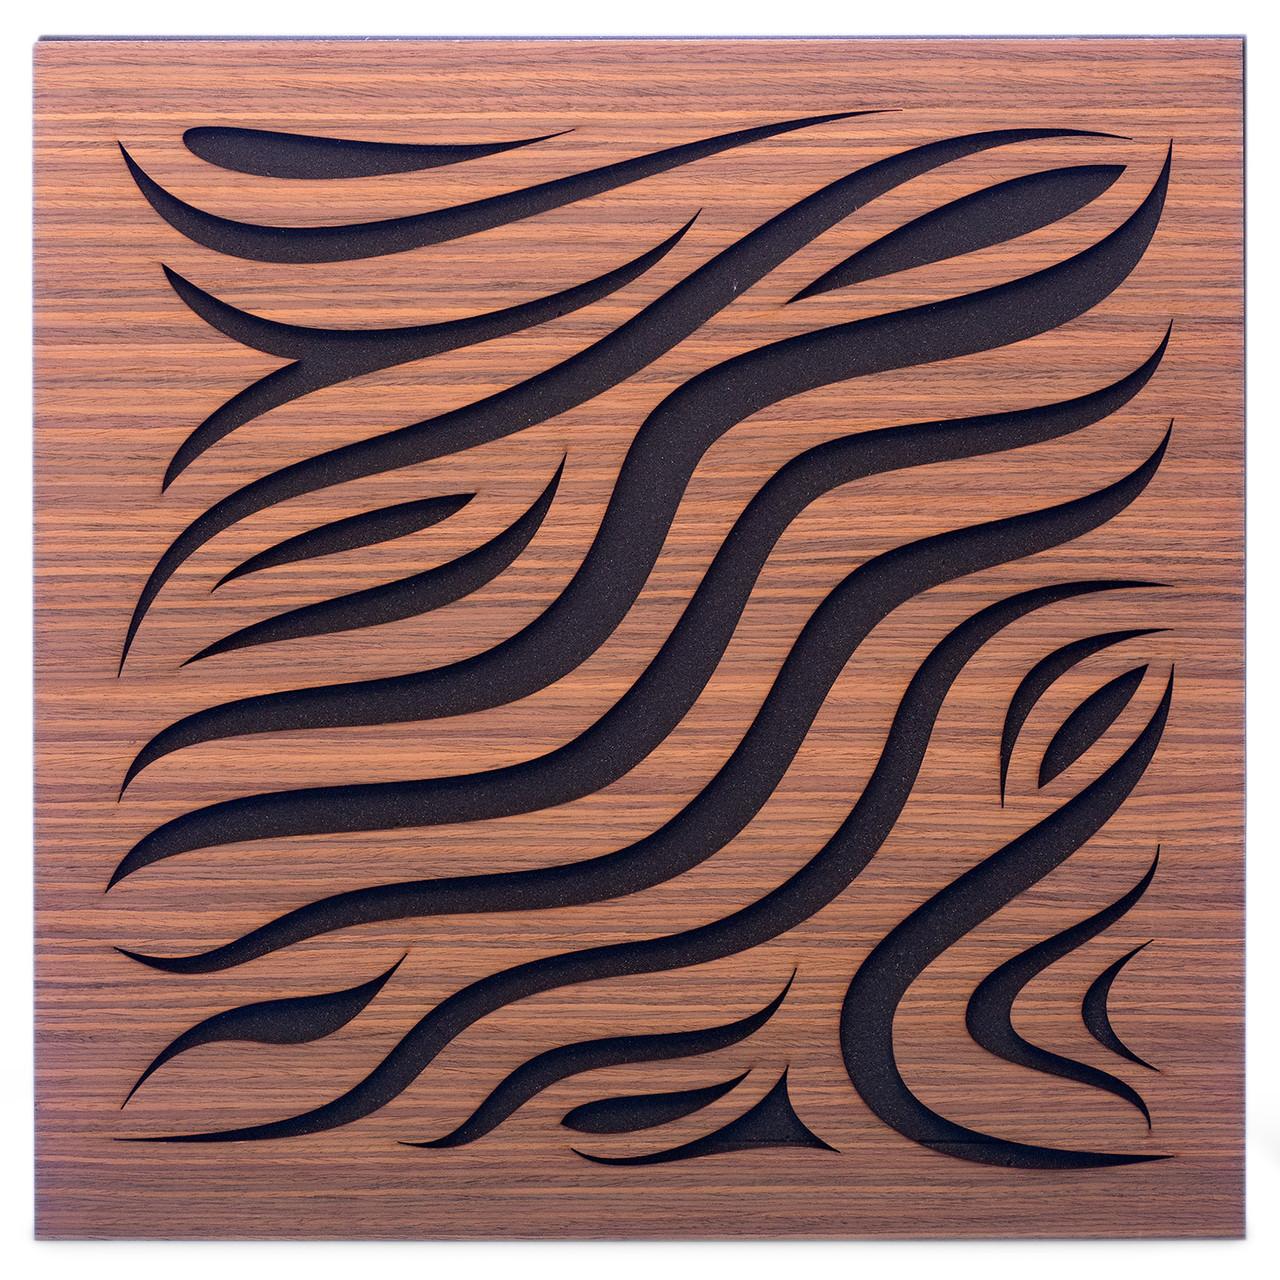 Акустическая панель Ecosound Chimera Rosewood 50x50см 73мм Цвет коричневый